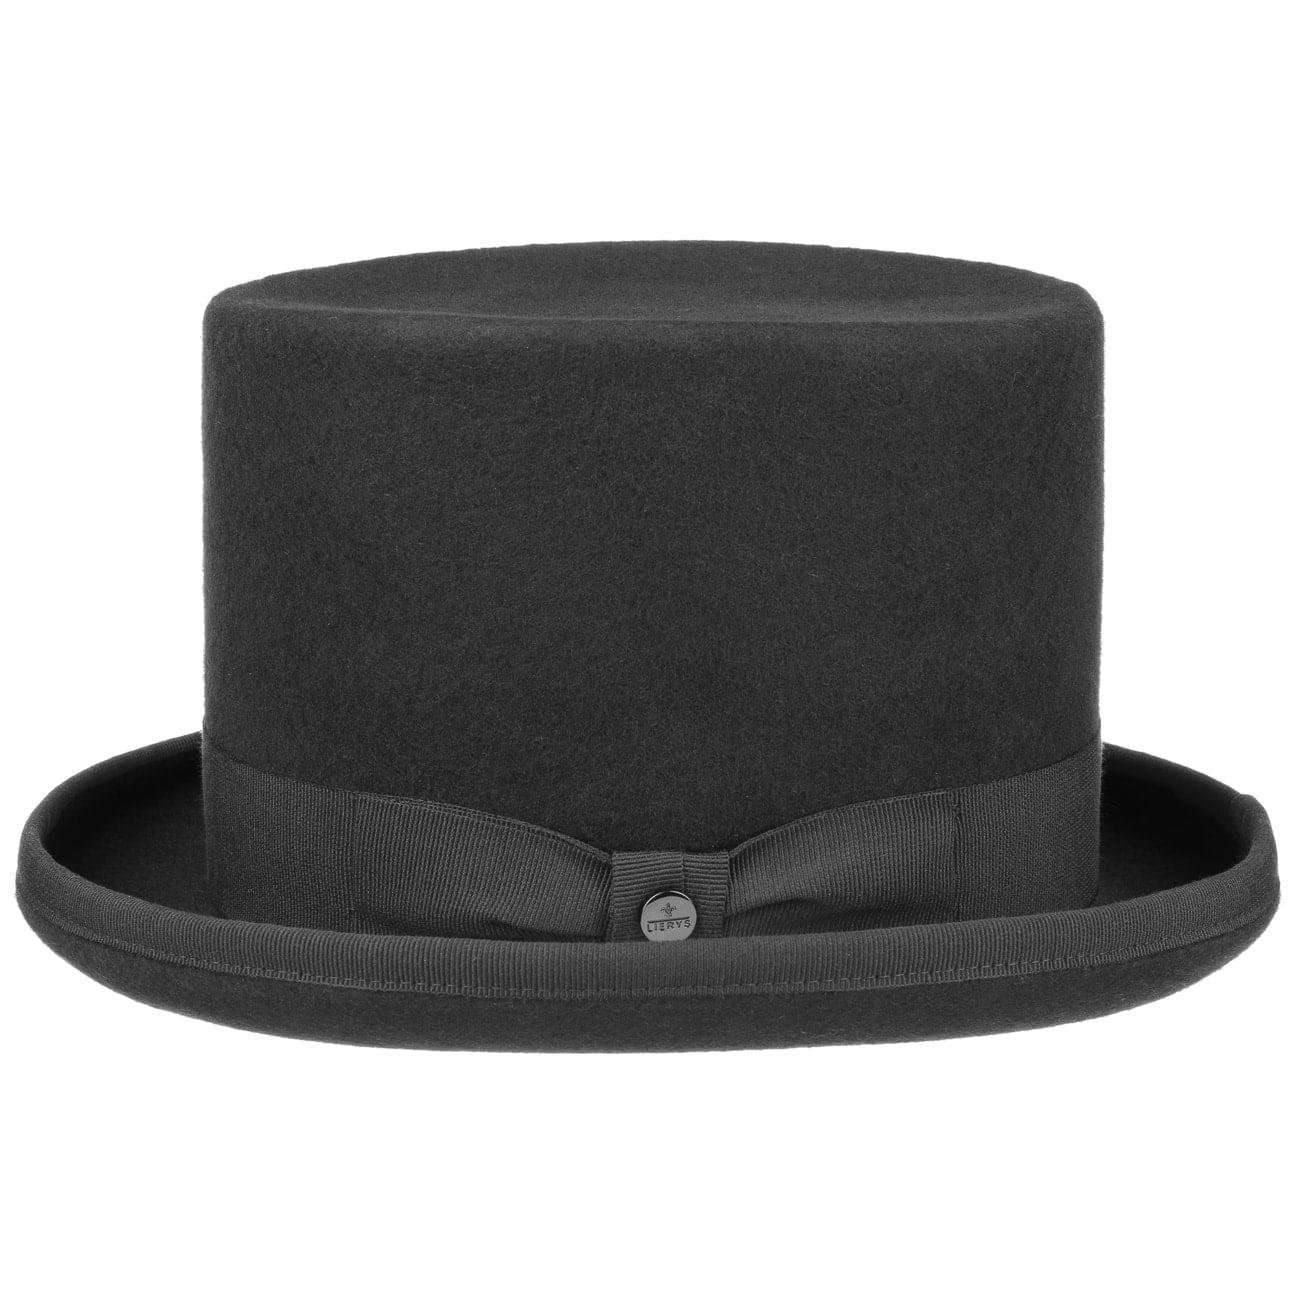 haut-de-forme-en-feutre-uni-by-lierys-chapeau-de-feutre